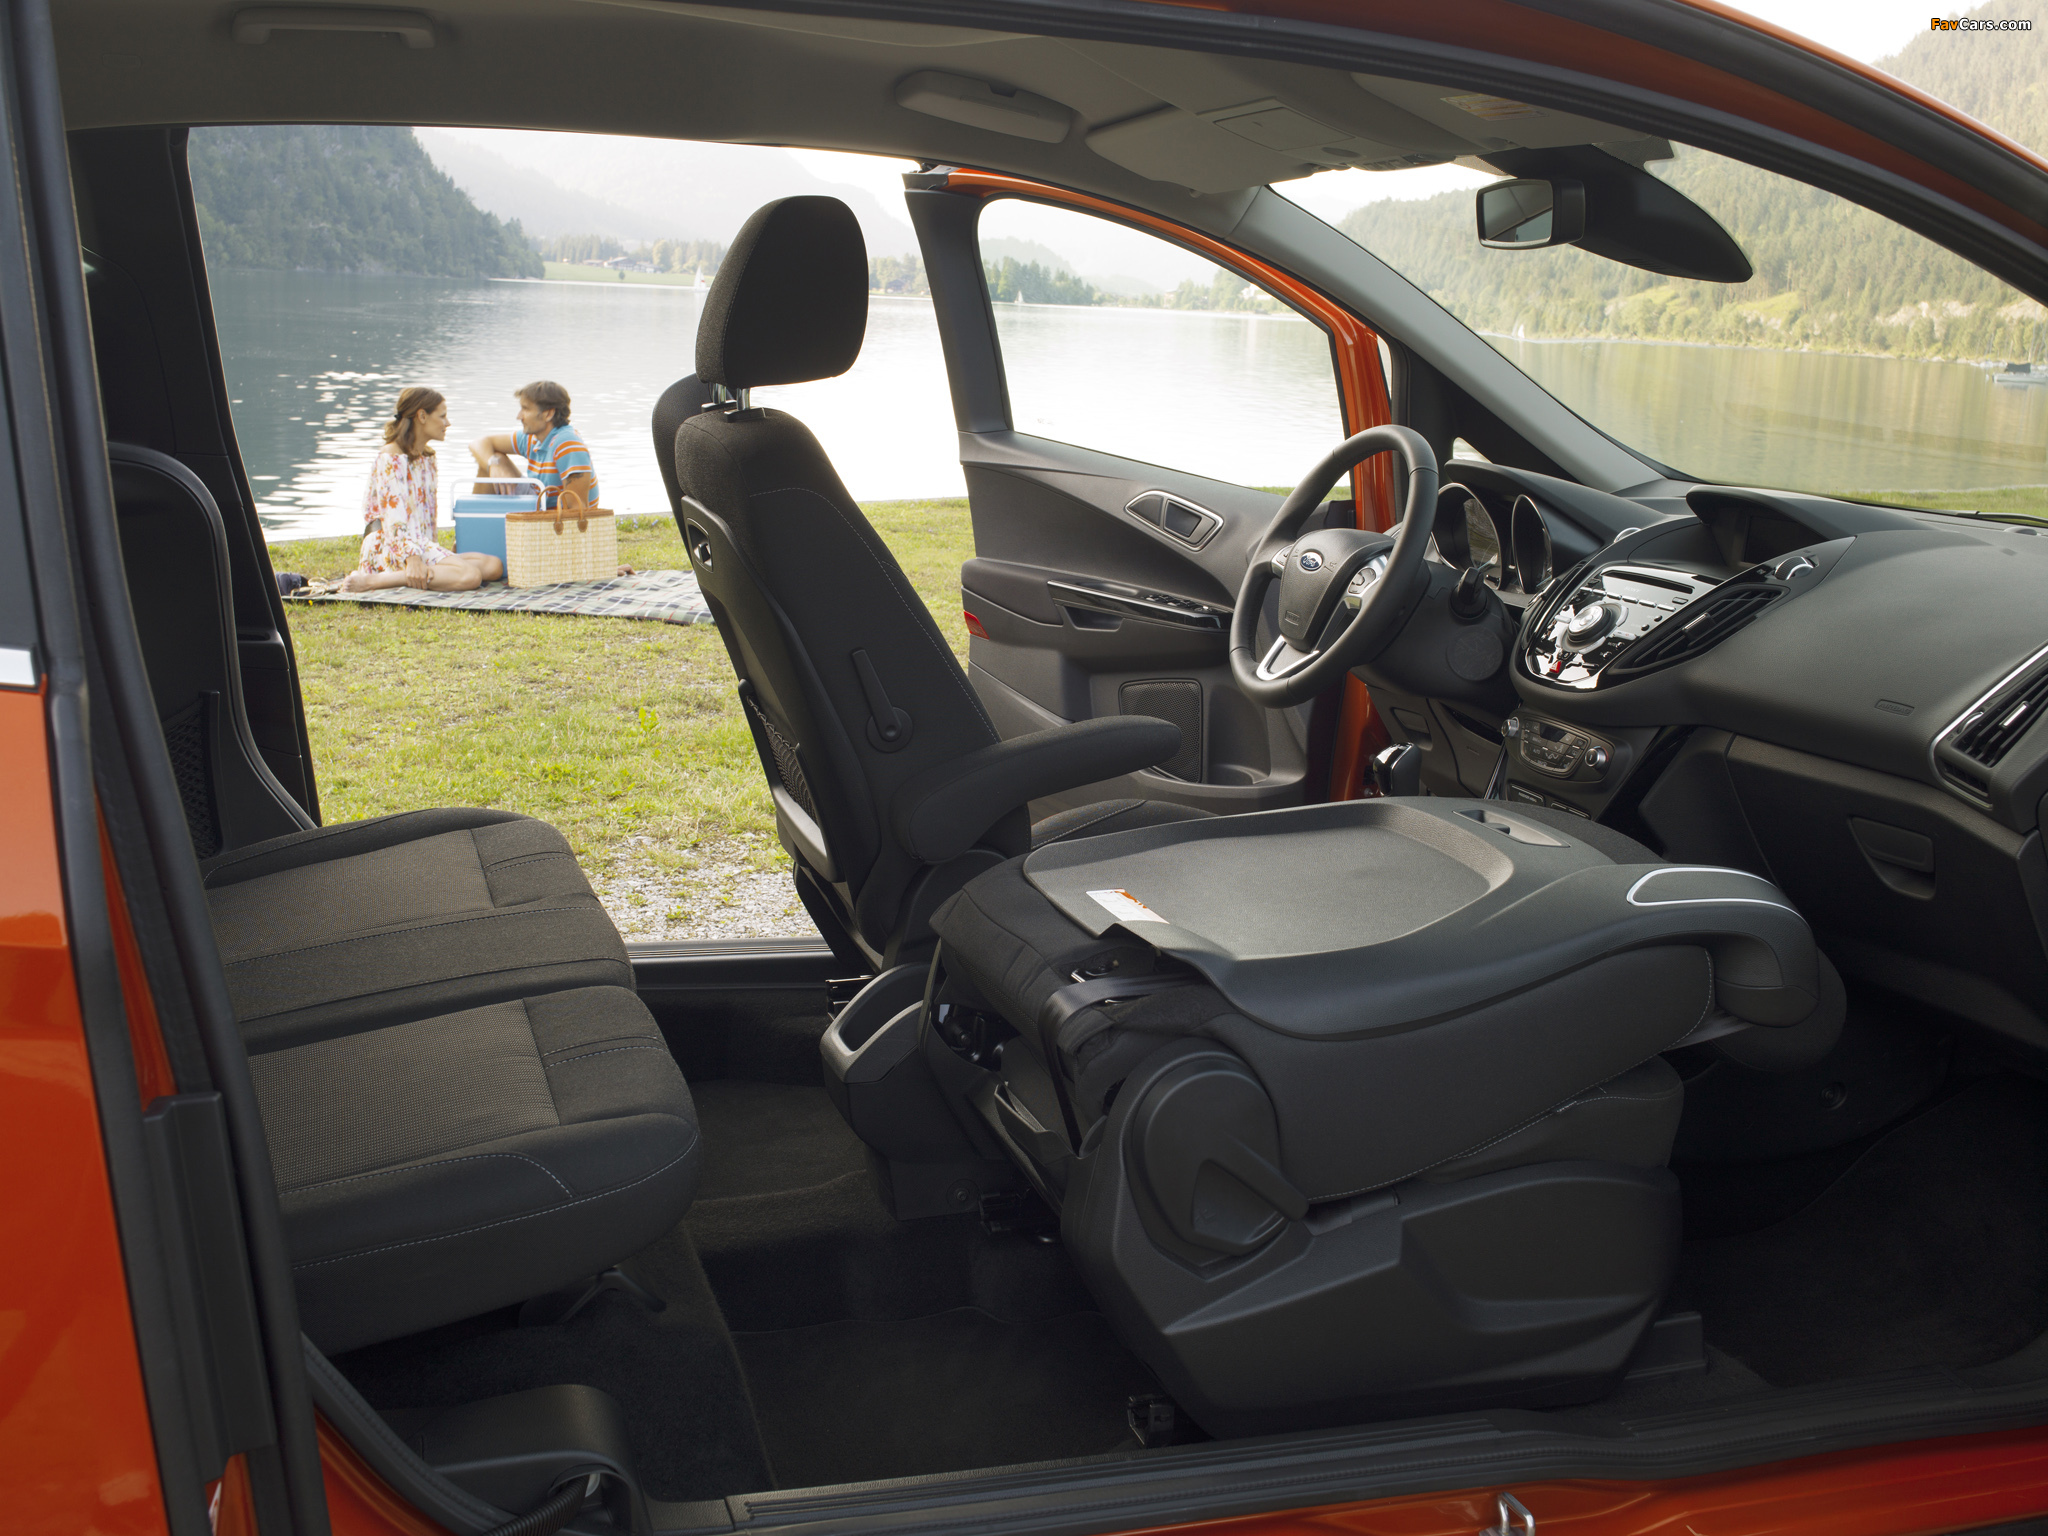 Ford B-MAX 2012 photos (2048 x 1536)